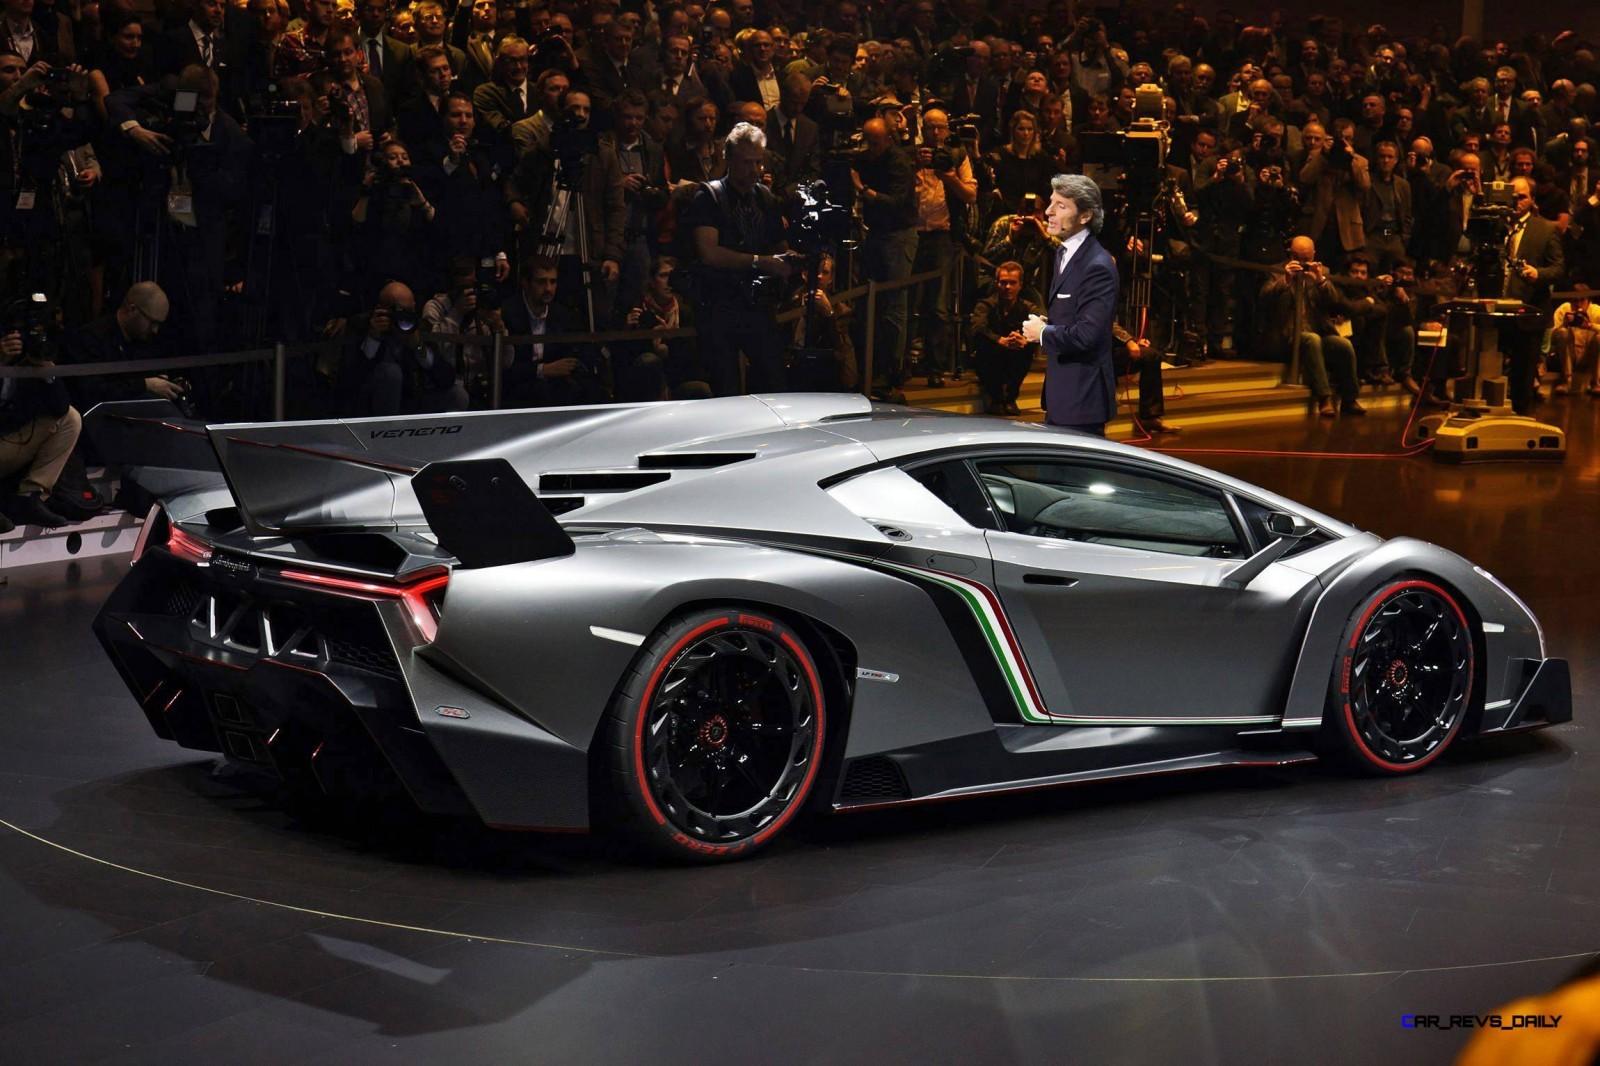 2013 Lamborghini Veneno Coupe